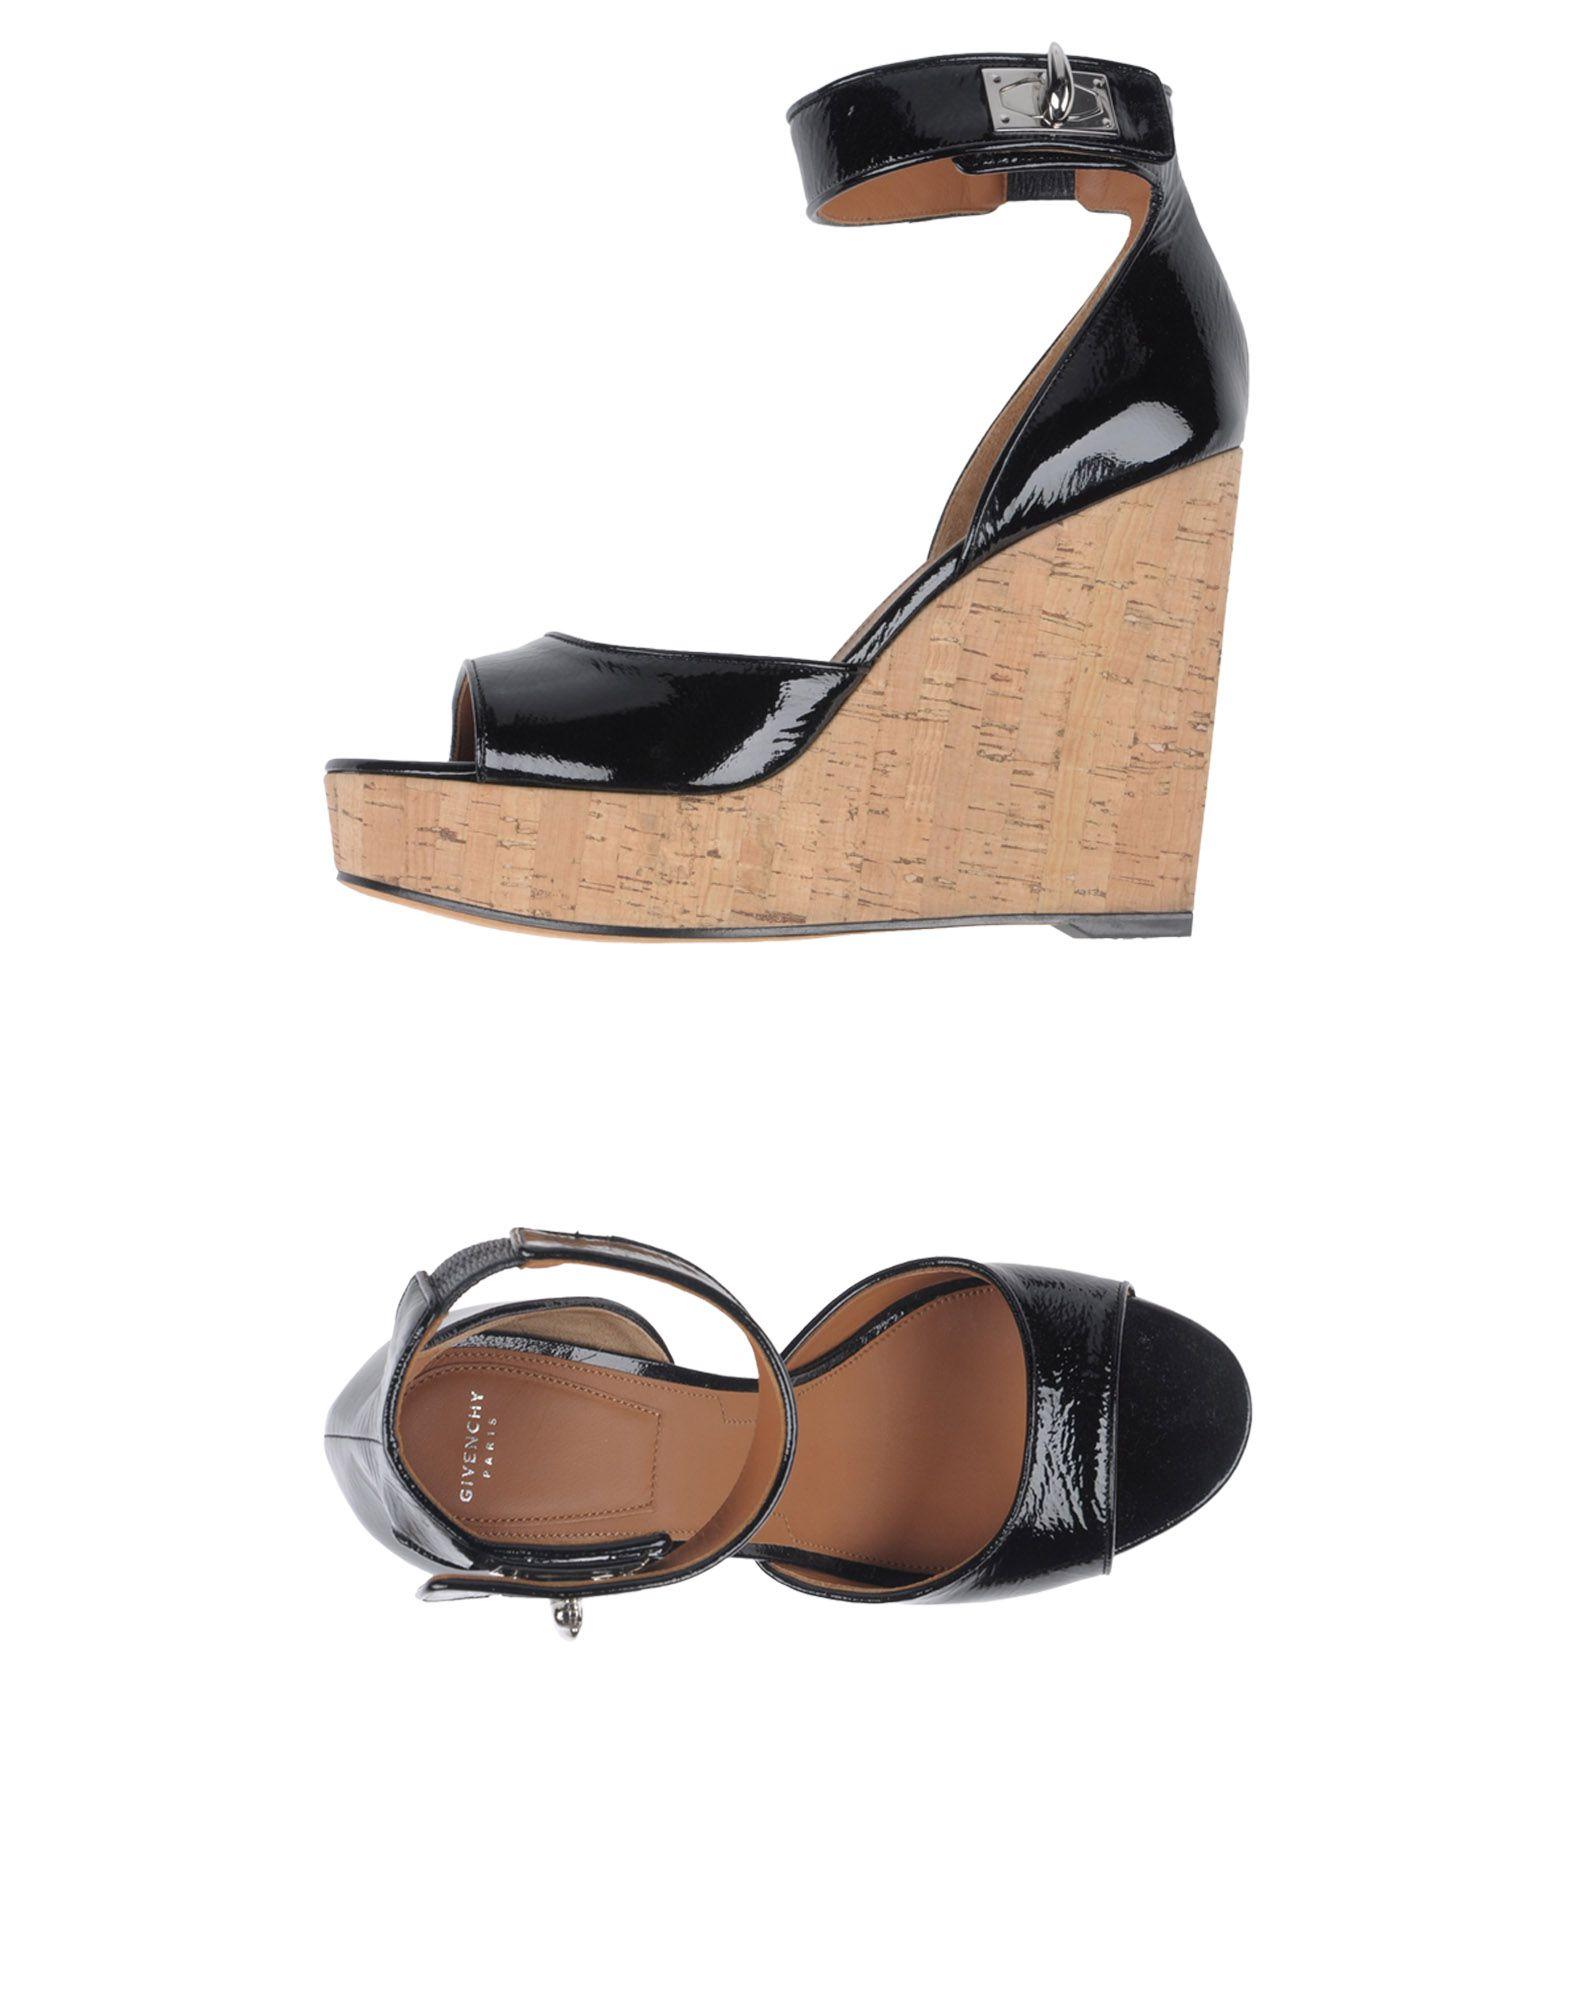 Sandales Givenchy Femme - Sandales Givenchy sur